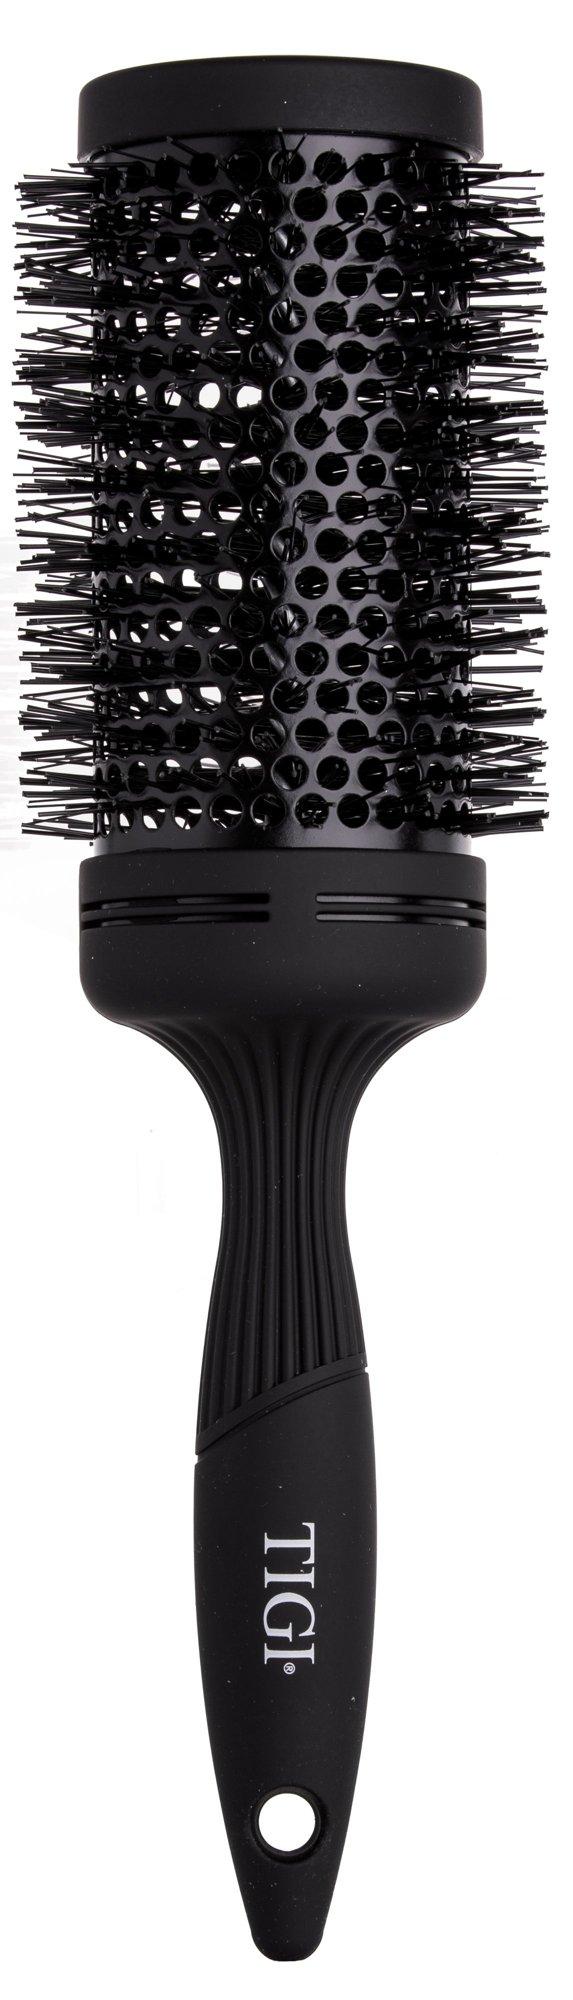 Plaukų šepetys Tigi Pro Extra Large Round Brush